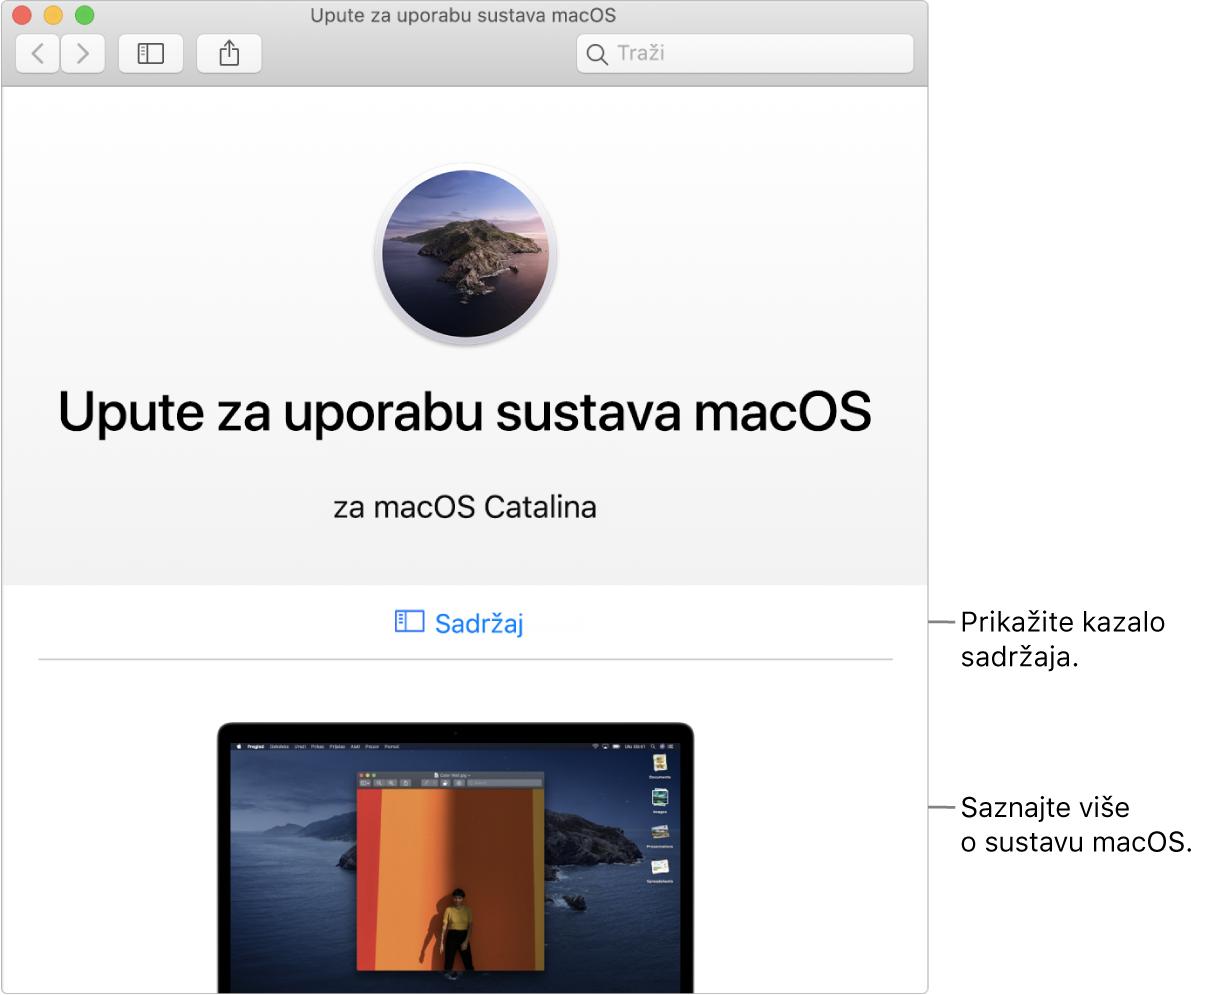 Stranica dobrodošlice za Upute za uporabuzamacOS koja prikazuje link za Sadržaj.